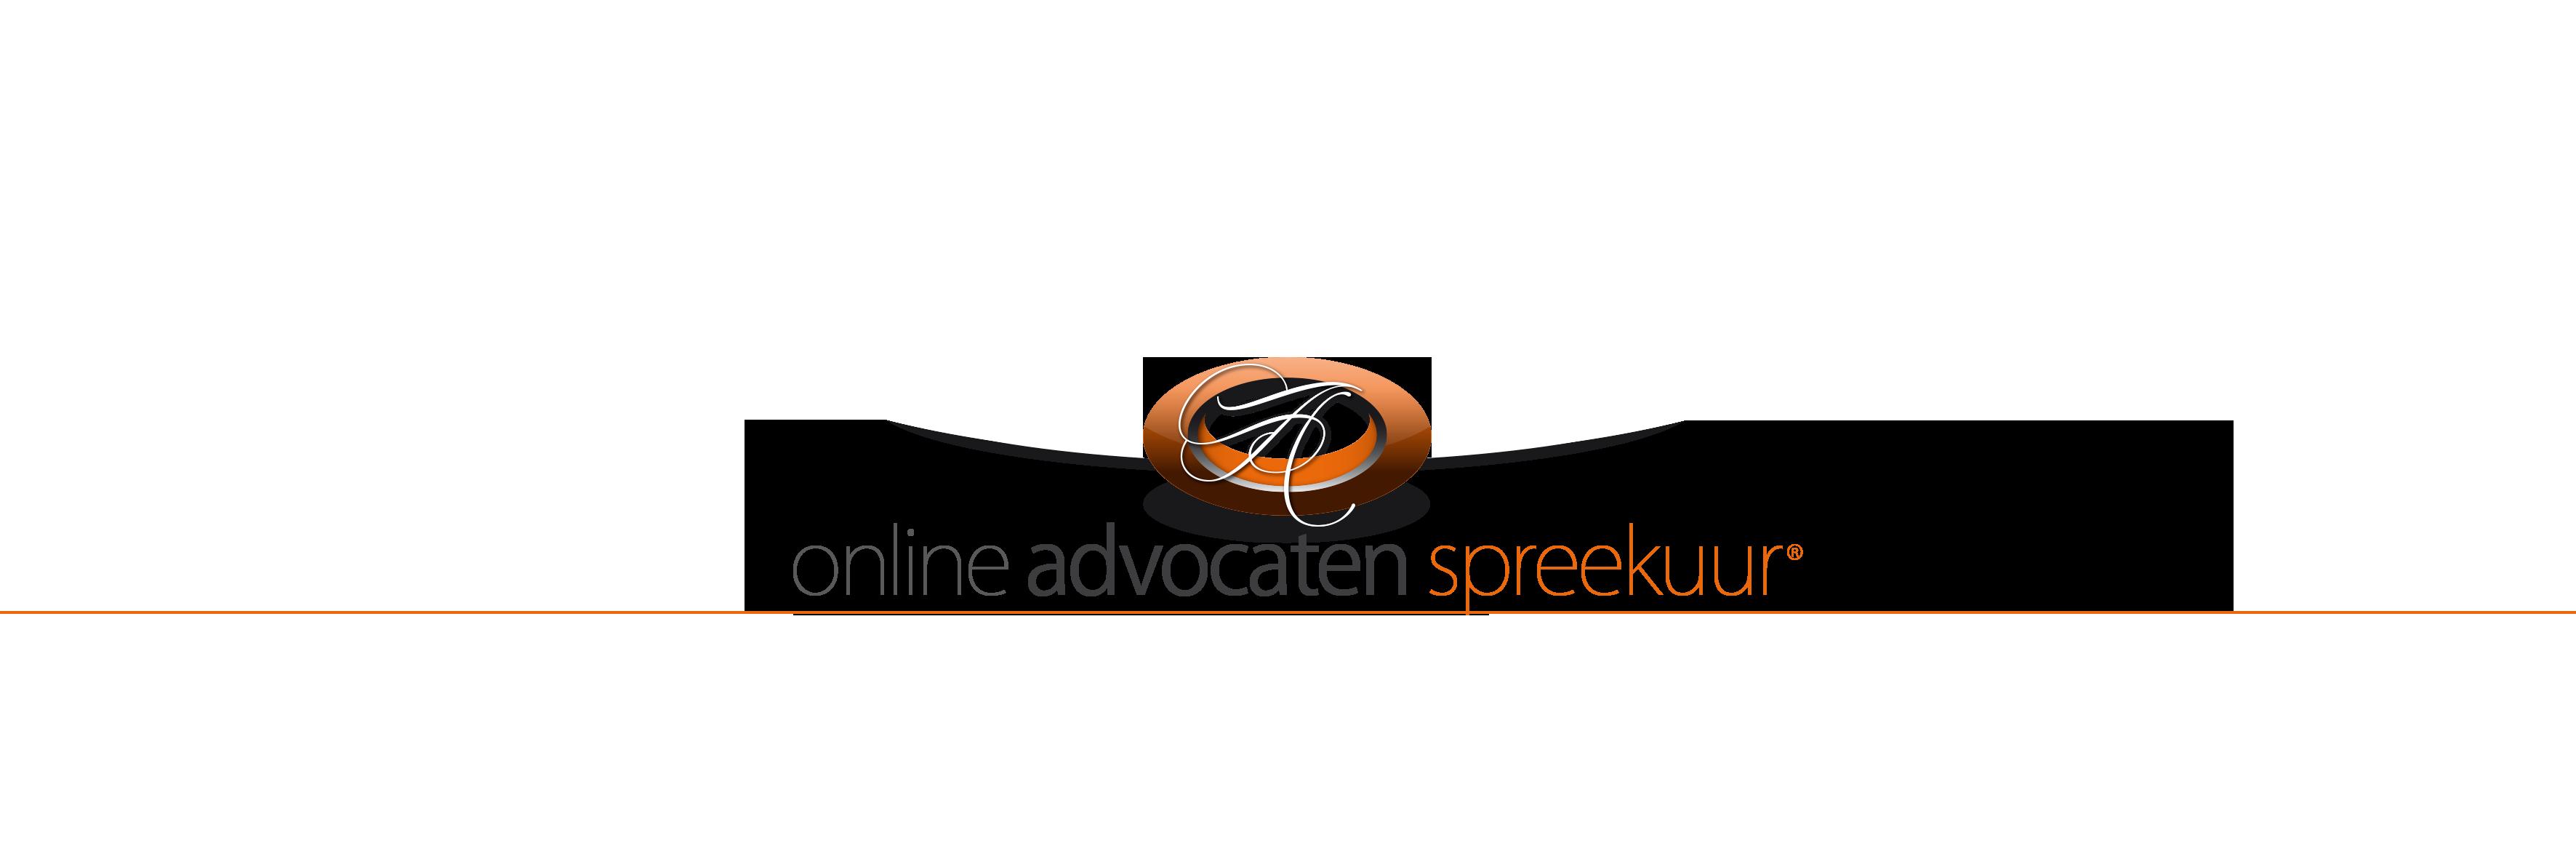 online advocaten spreekuur